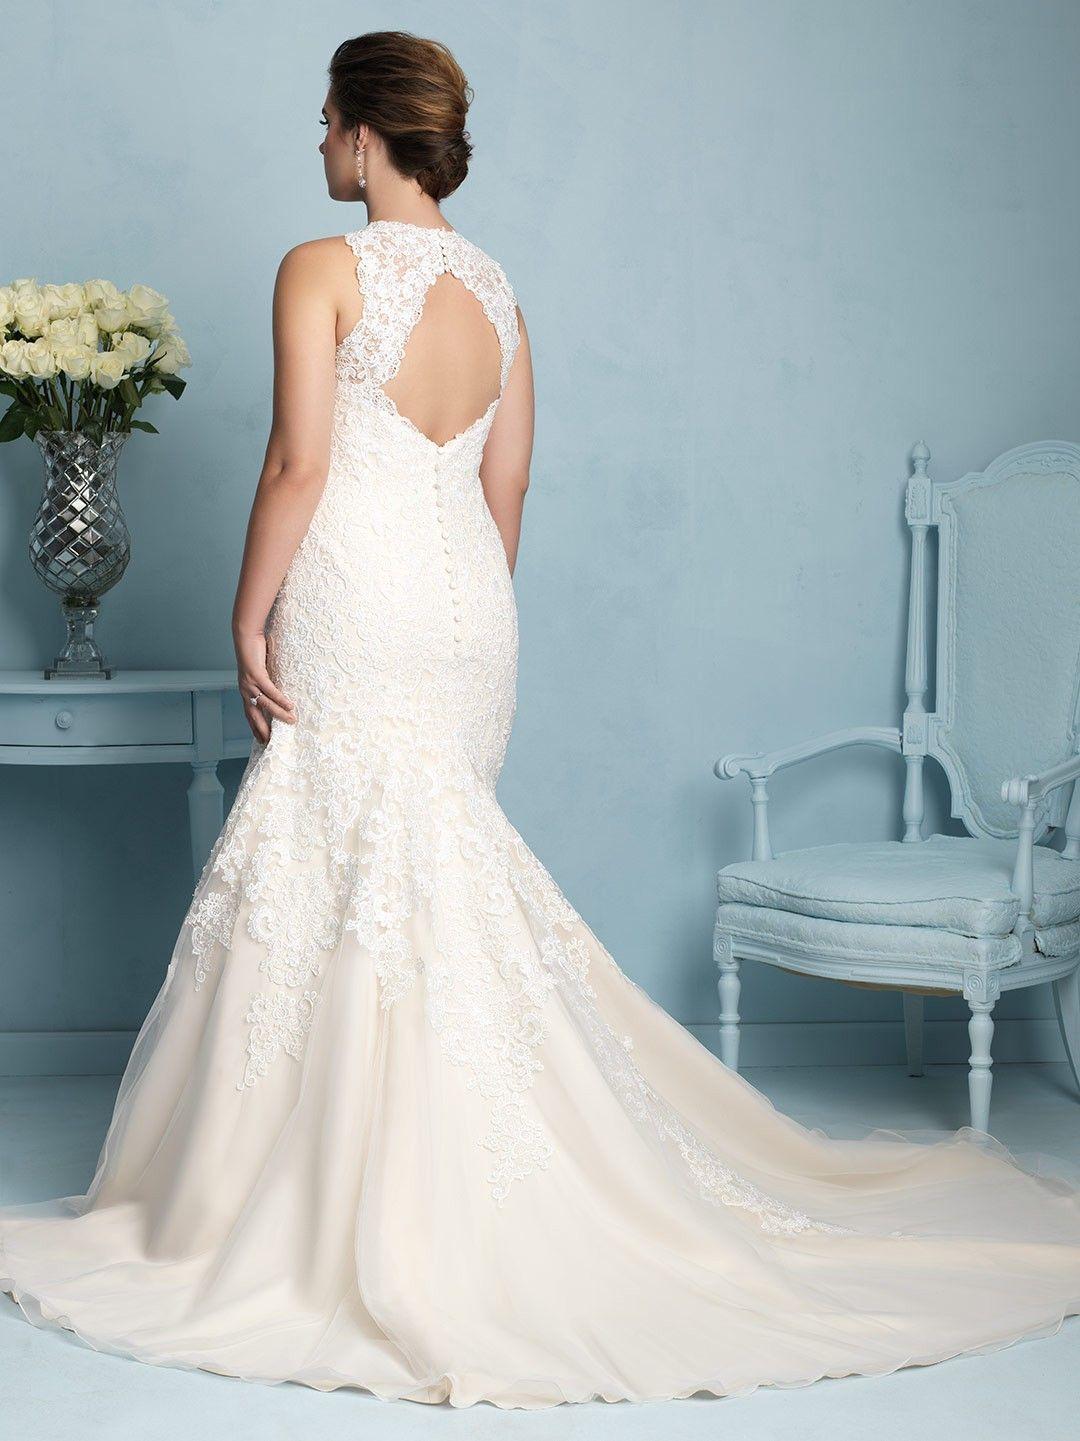 Mermaid V-neck Tulle+Lace Plus Size Wedding Dress with Keyhole Back ...